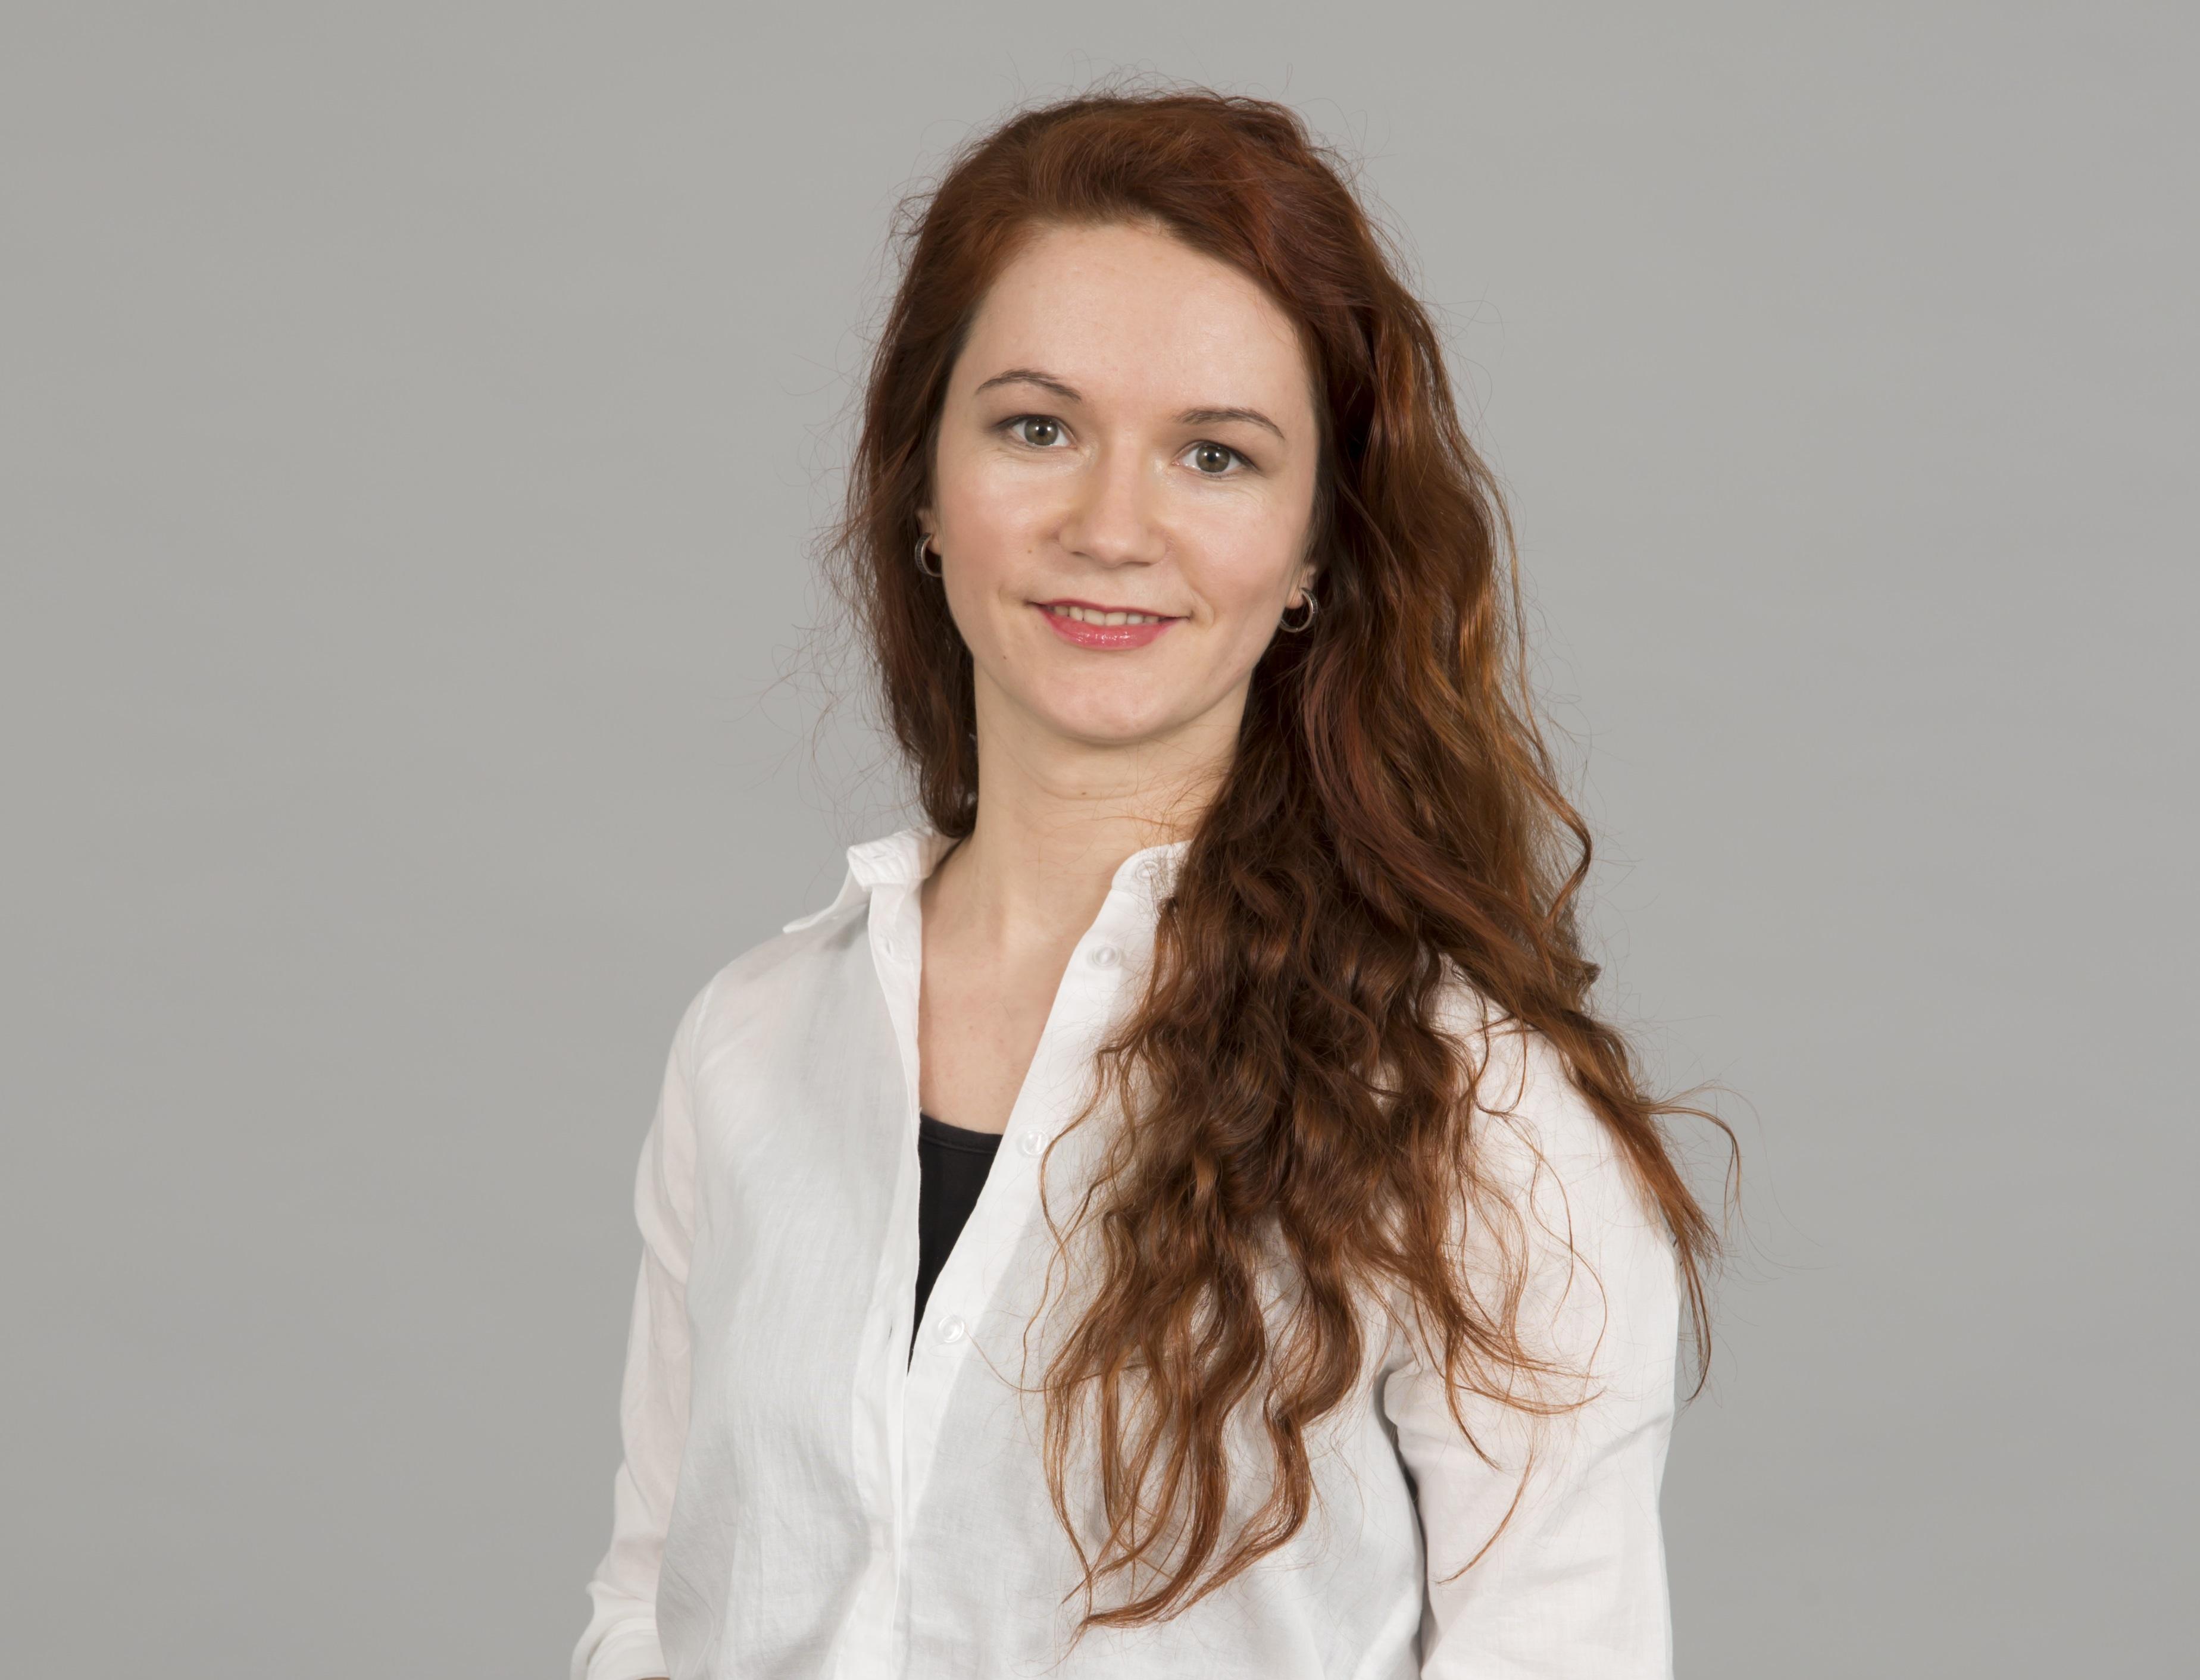 Наталья Бенеславская: «Если сто процентов покупателей ИКЕА начнут сортировать отходы, наши влияние и эффект будут гораздо больше»